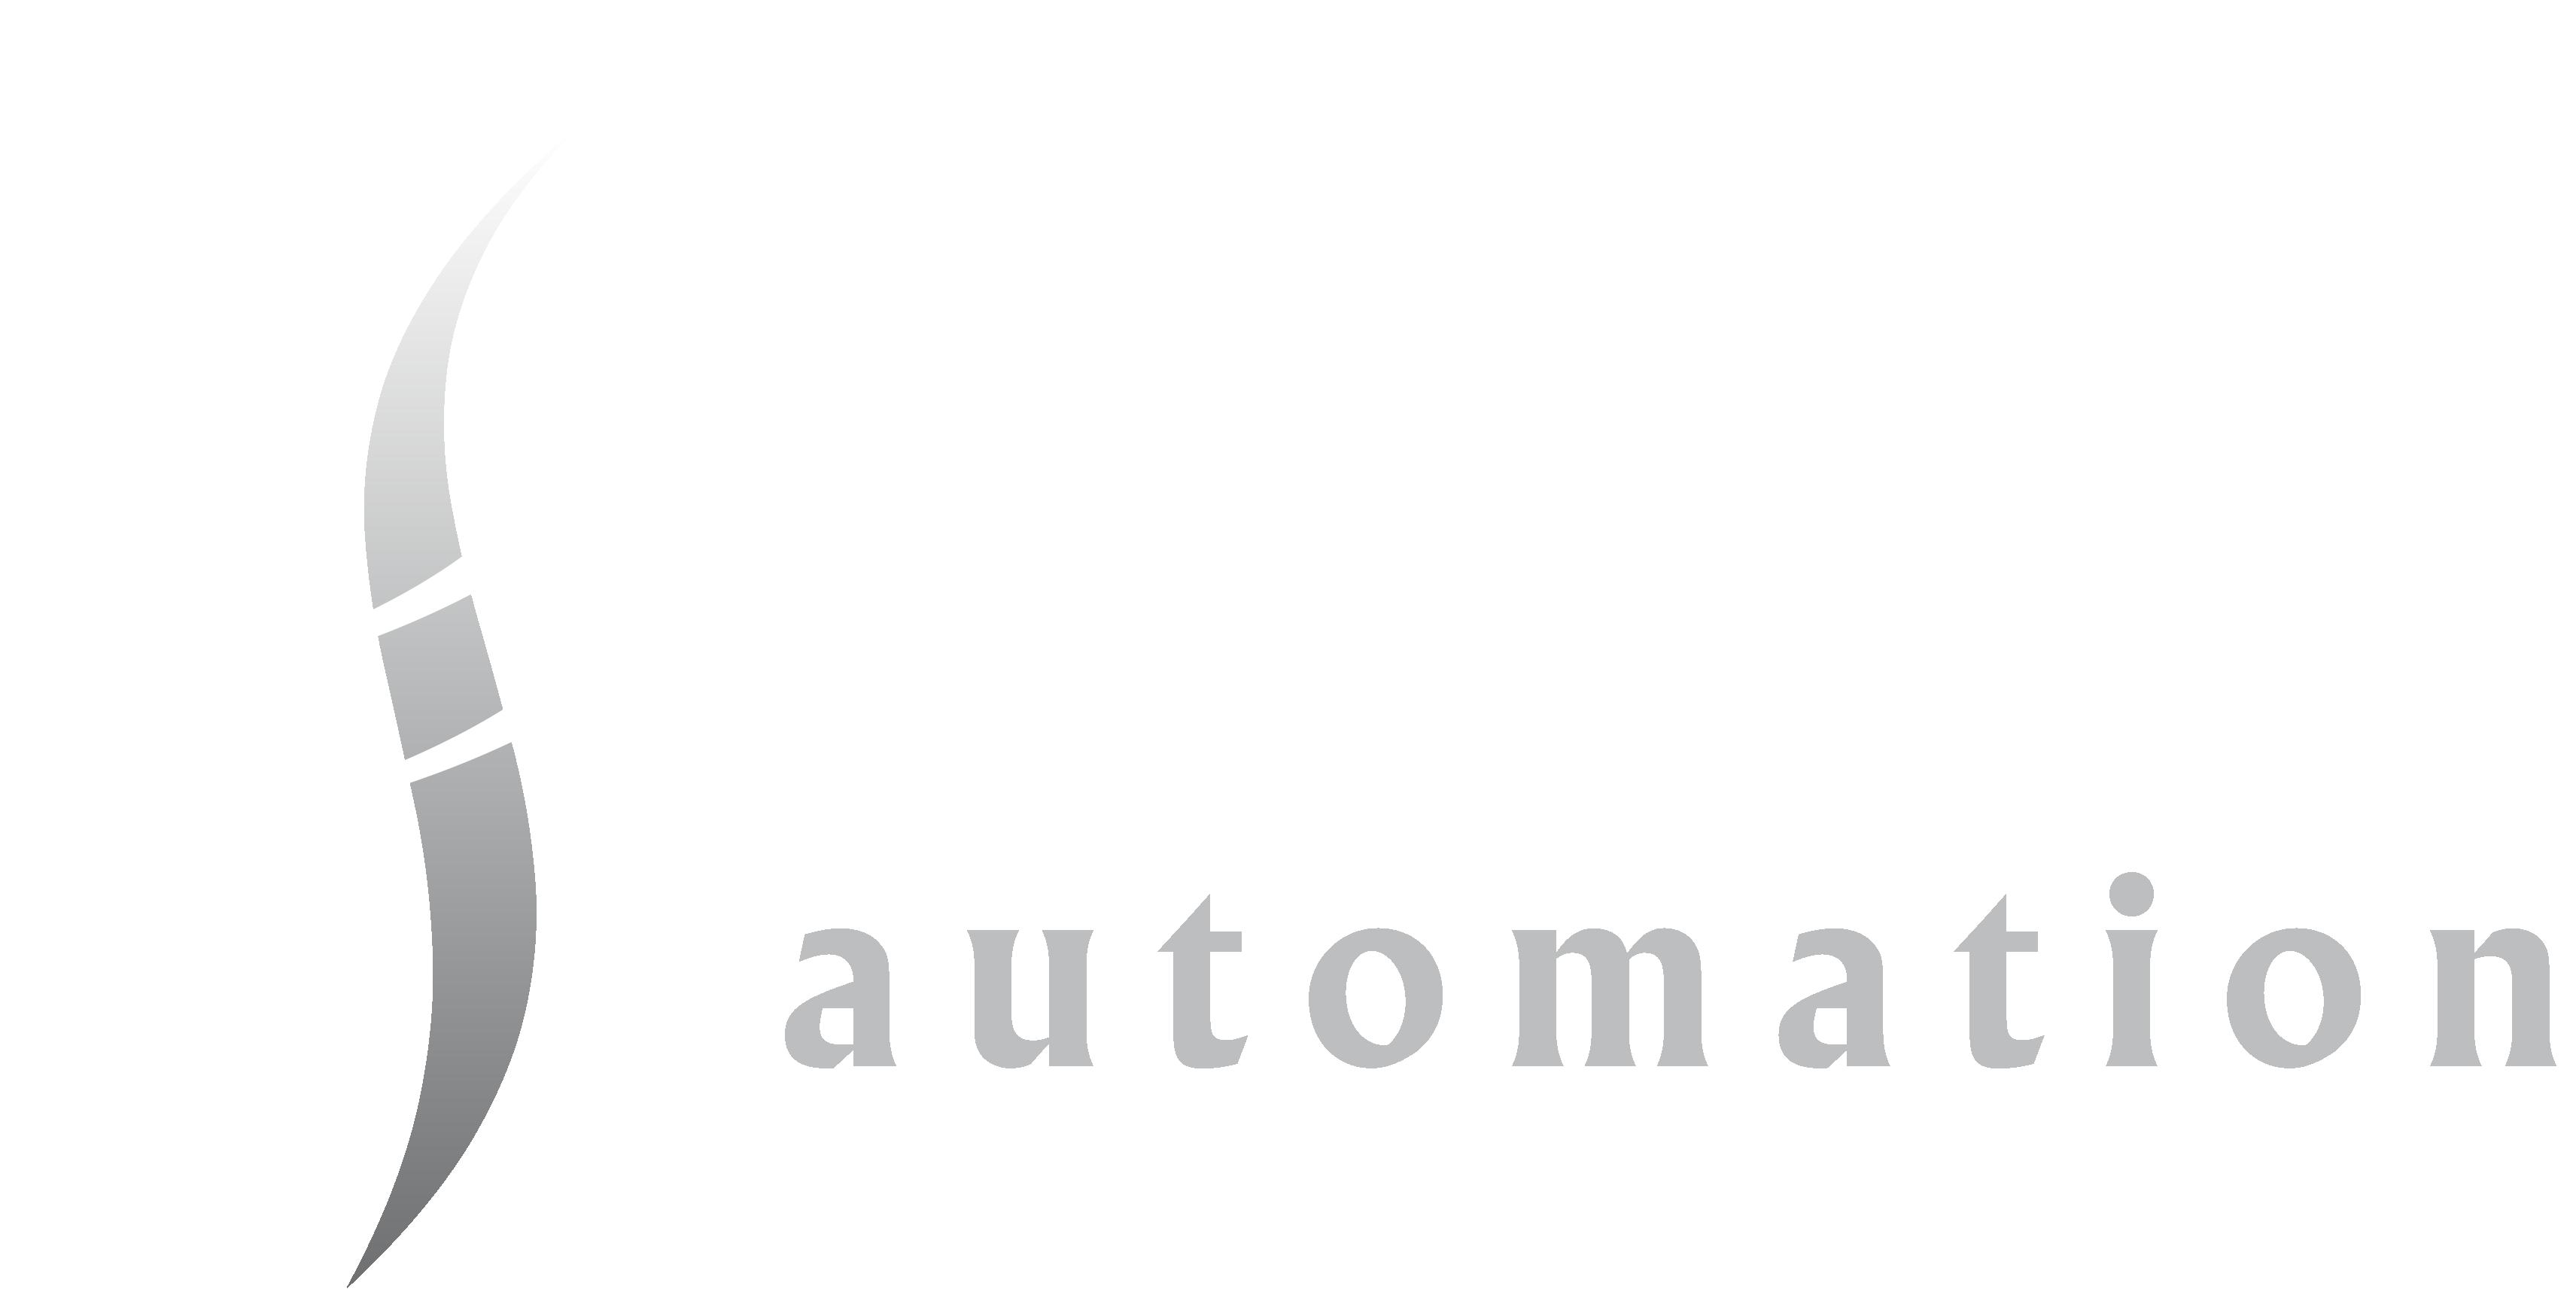 Mizen Automation logo